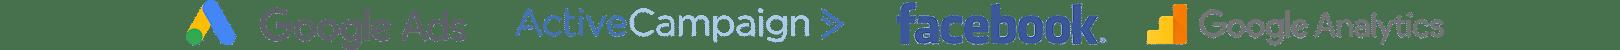 logos varios 1620x50 1 - Publicidad Online para Tiendas Online